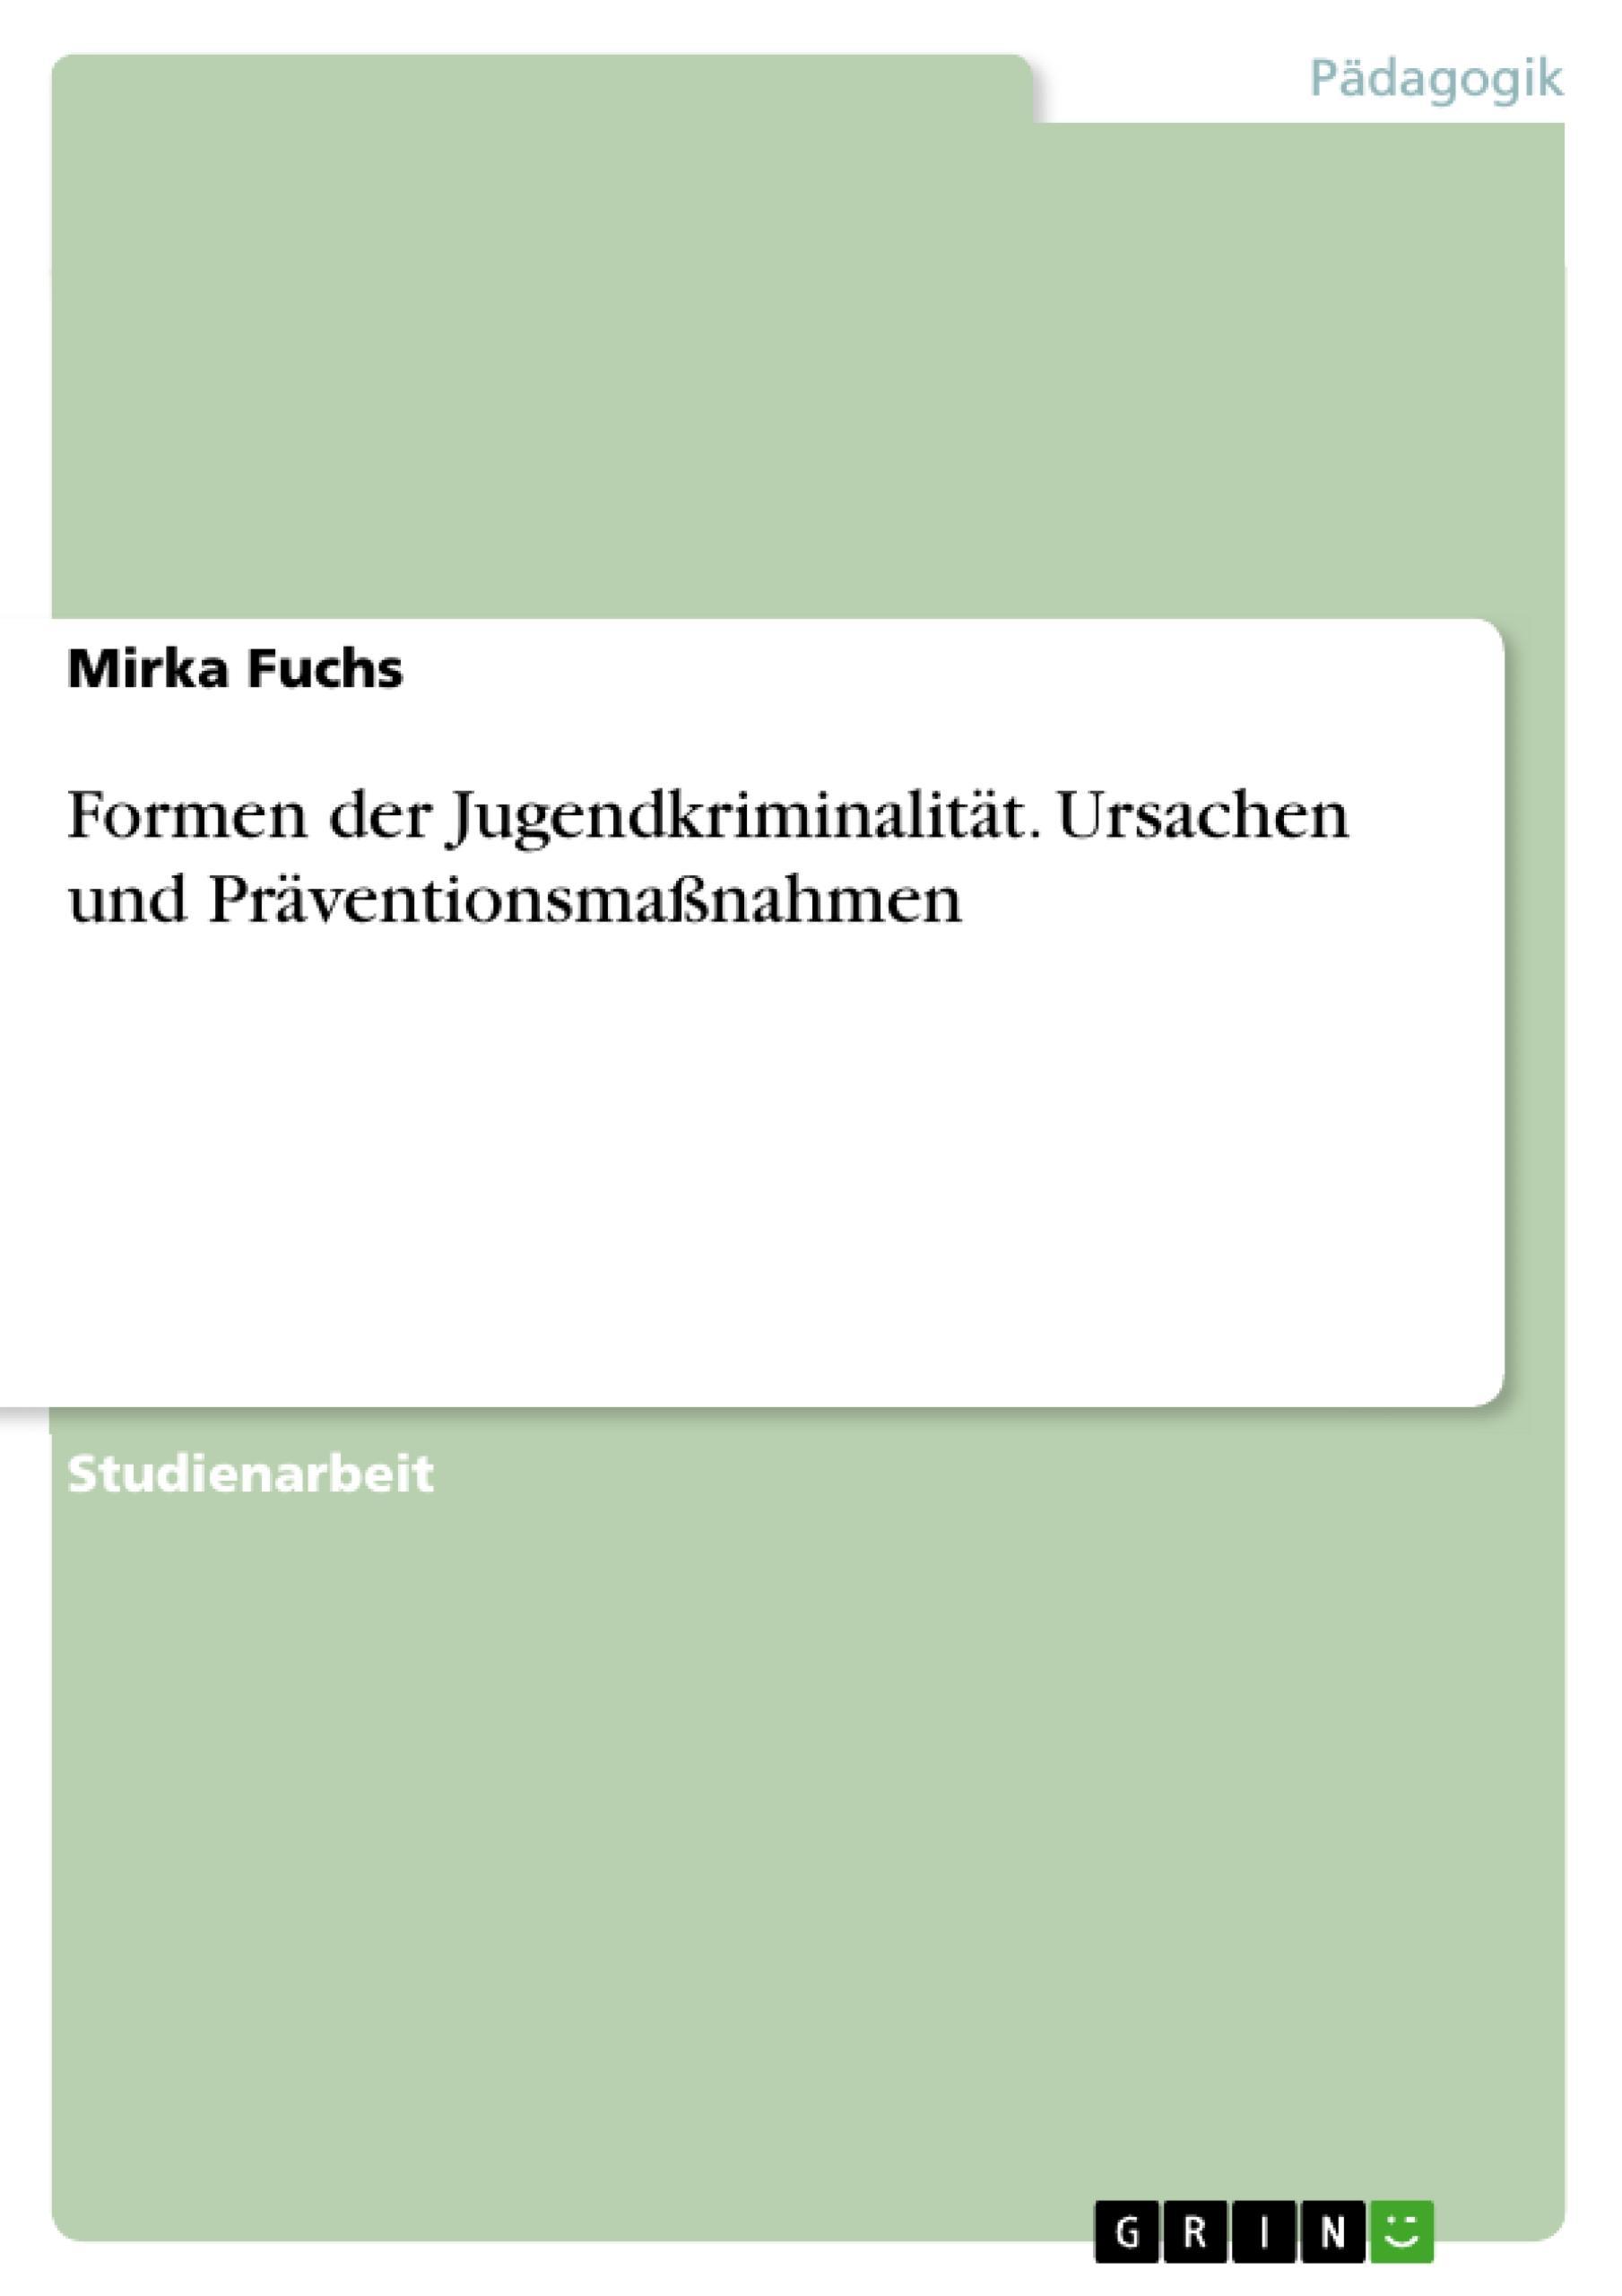 Formen der Jugendkriminalität. Ursachen und Präventionsmaßnahmen  Mirka Fuchs  Taschenbuch  Deutsch  2010 - Fuchs, Mirka